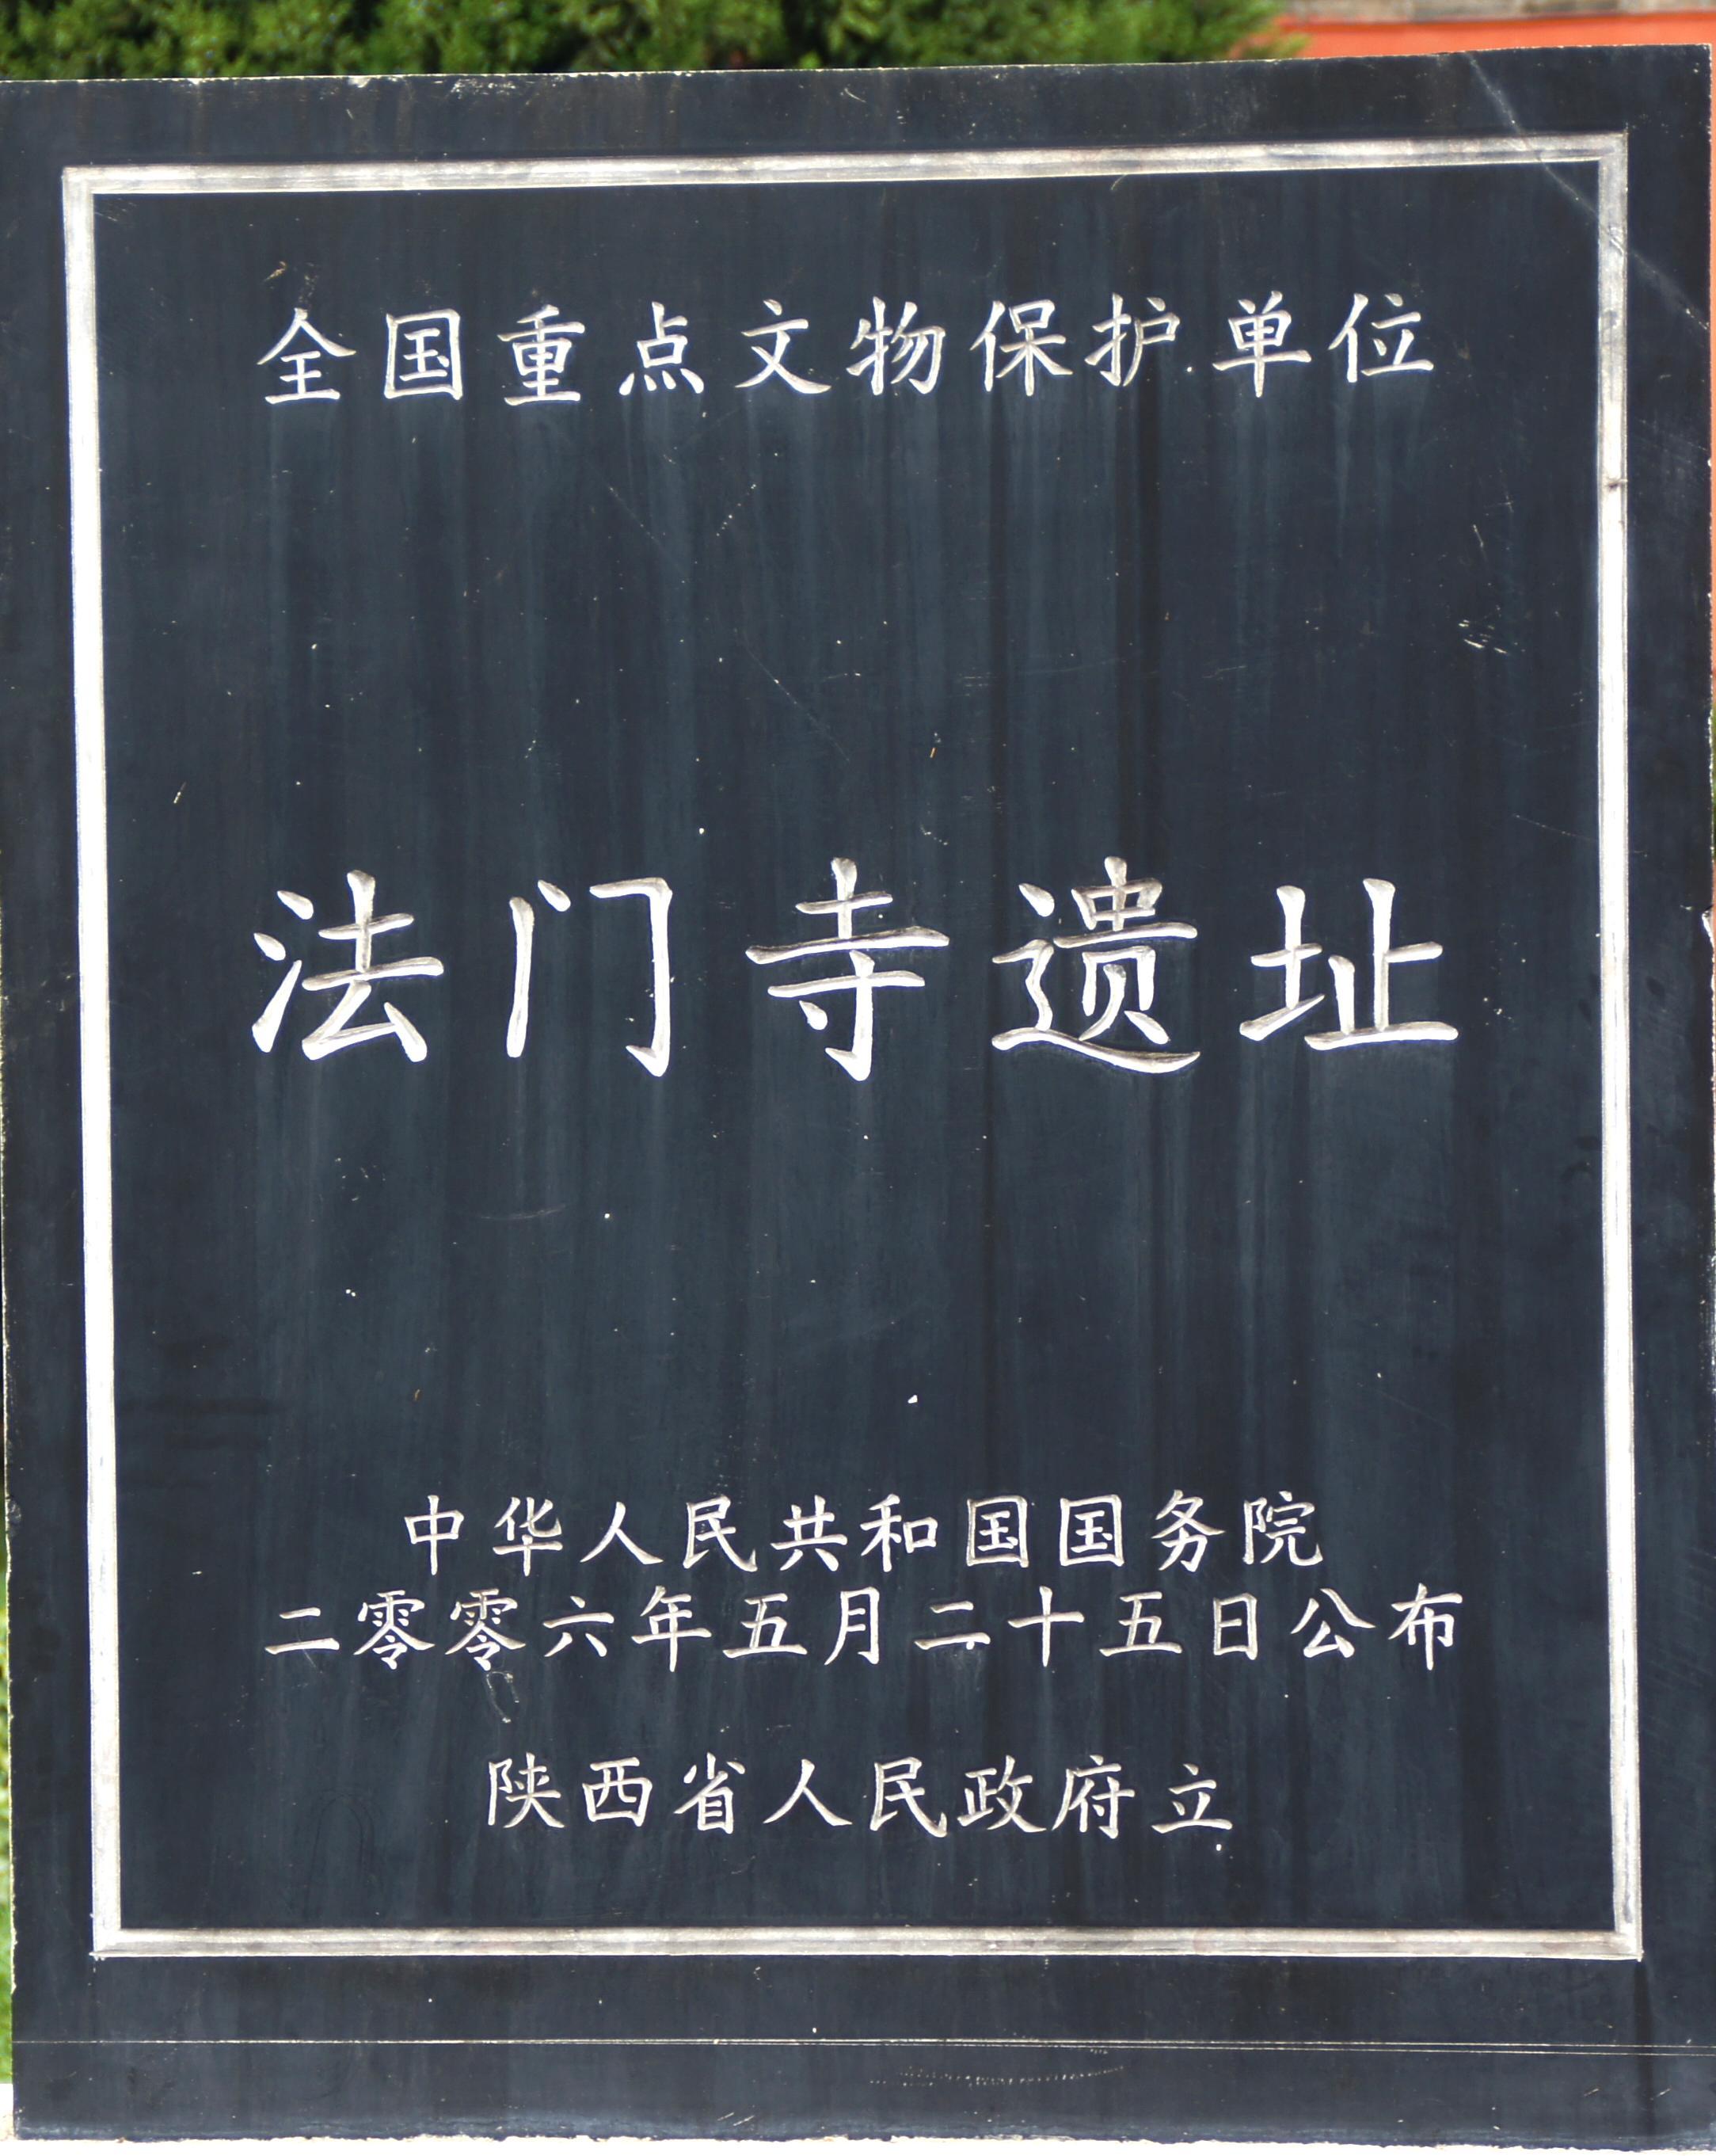 法门寺-全国保护单位--109-1600.jpg